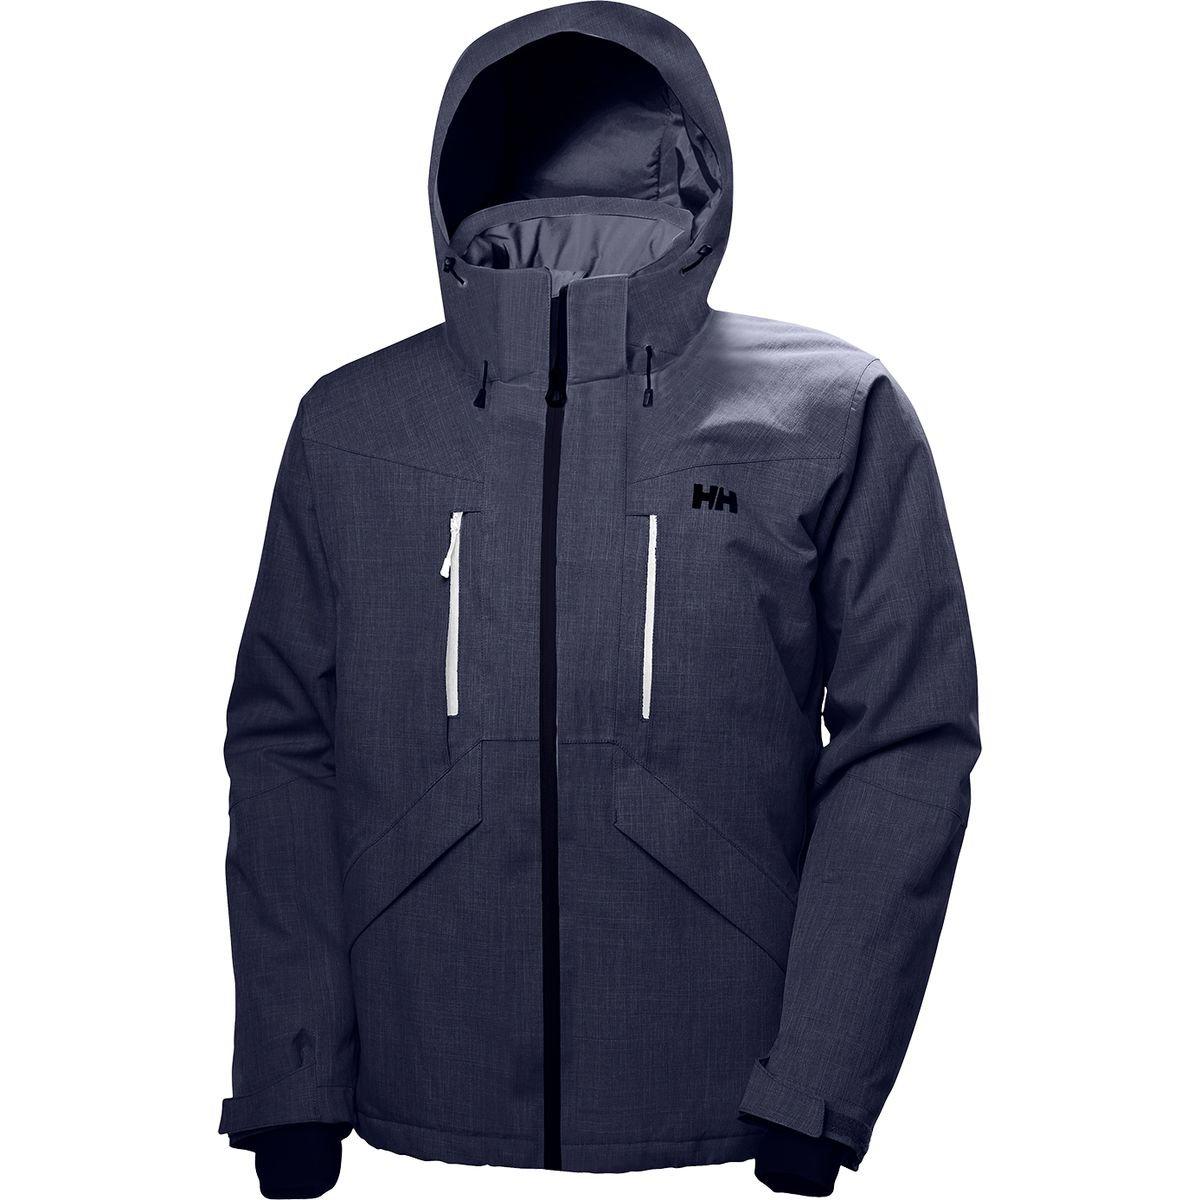 (ヘリーハンセン)Helly Hansen Juniper II Jacket メンズ ジャケットGraphite Blue [並行輸入品] B0767BC6J3  Graphite Blue 日本サイズ L (US M)